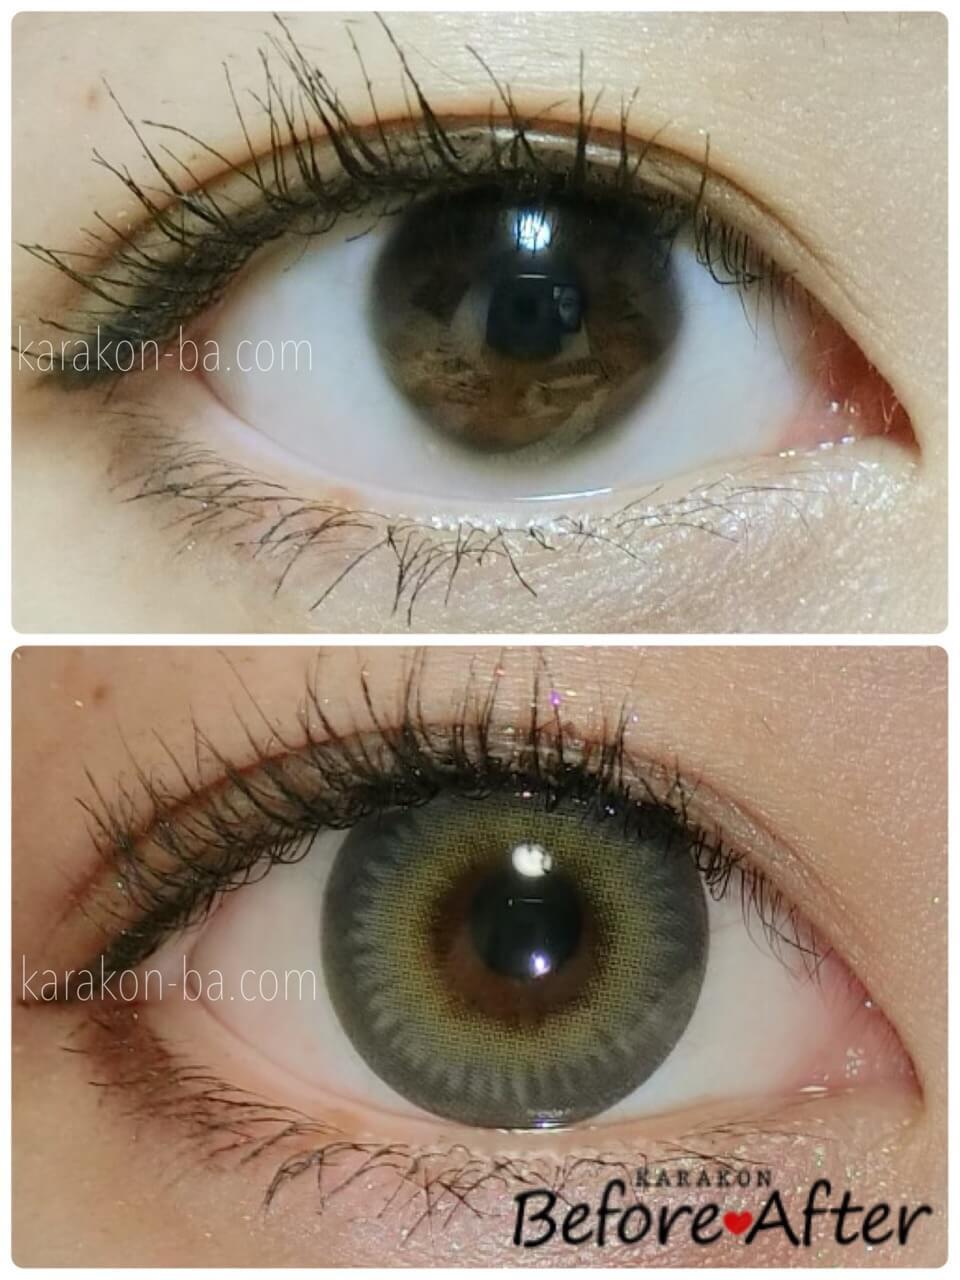 ZERU(ゼル)ハーフグレーのカラコン装着画像/裸眼と比較レポ